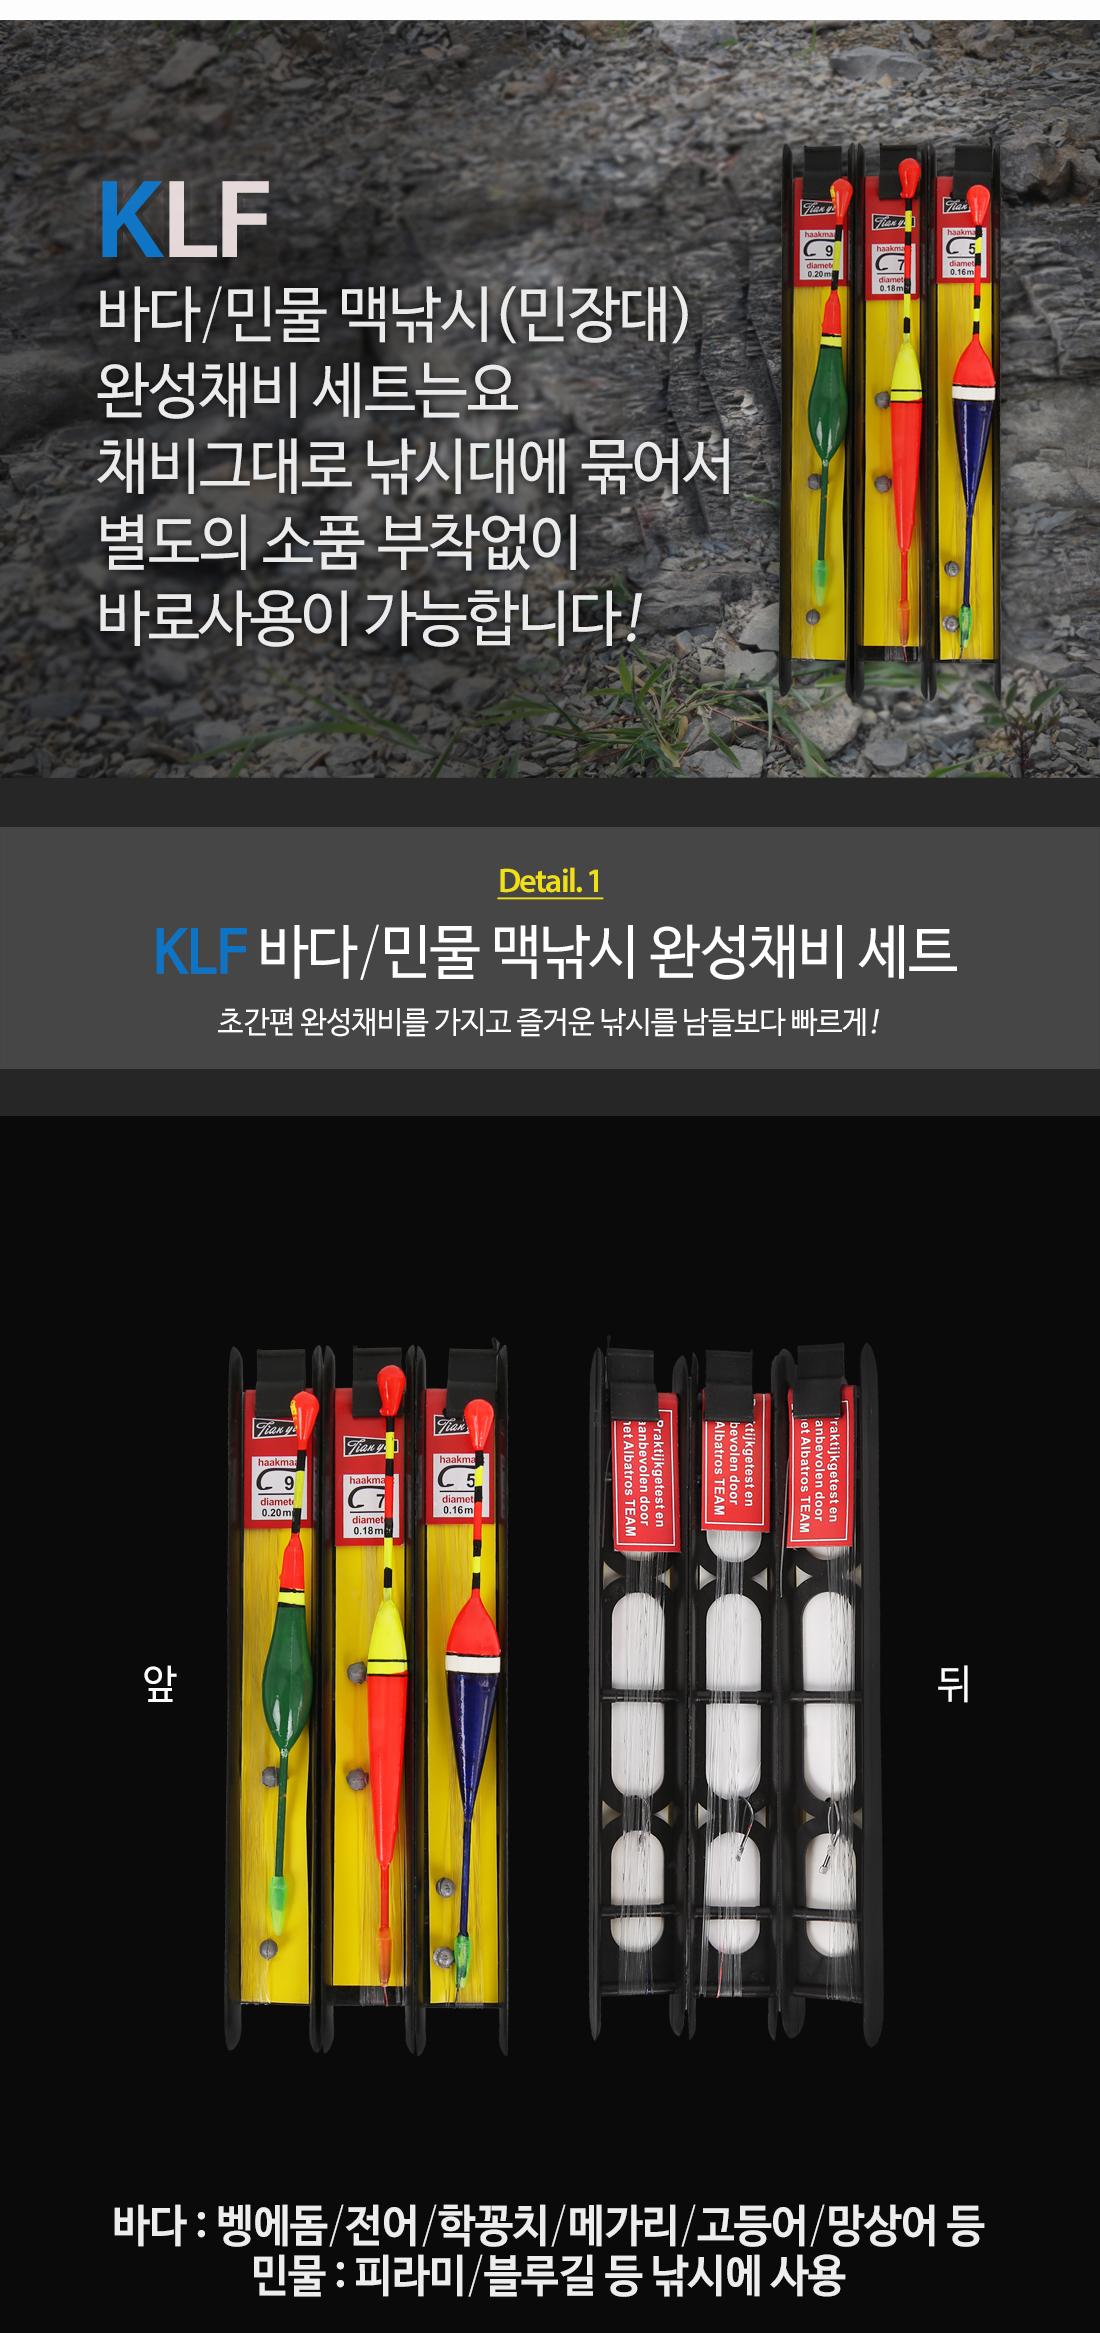 KLF 바다/민물 맥낚시(민장대) 완성채비 세트 바다민장대채비 바다민장대낚시 민장대채비